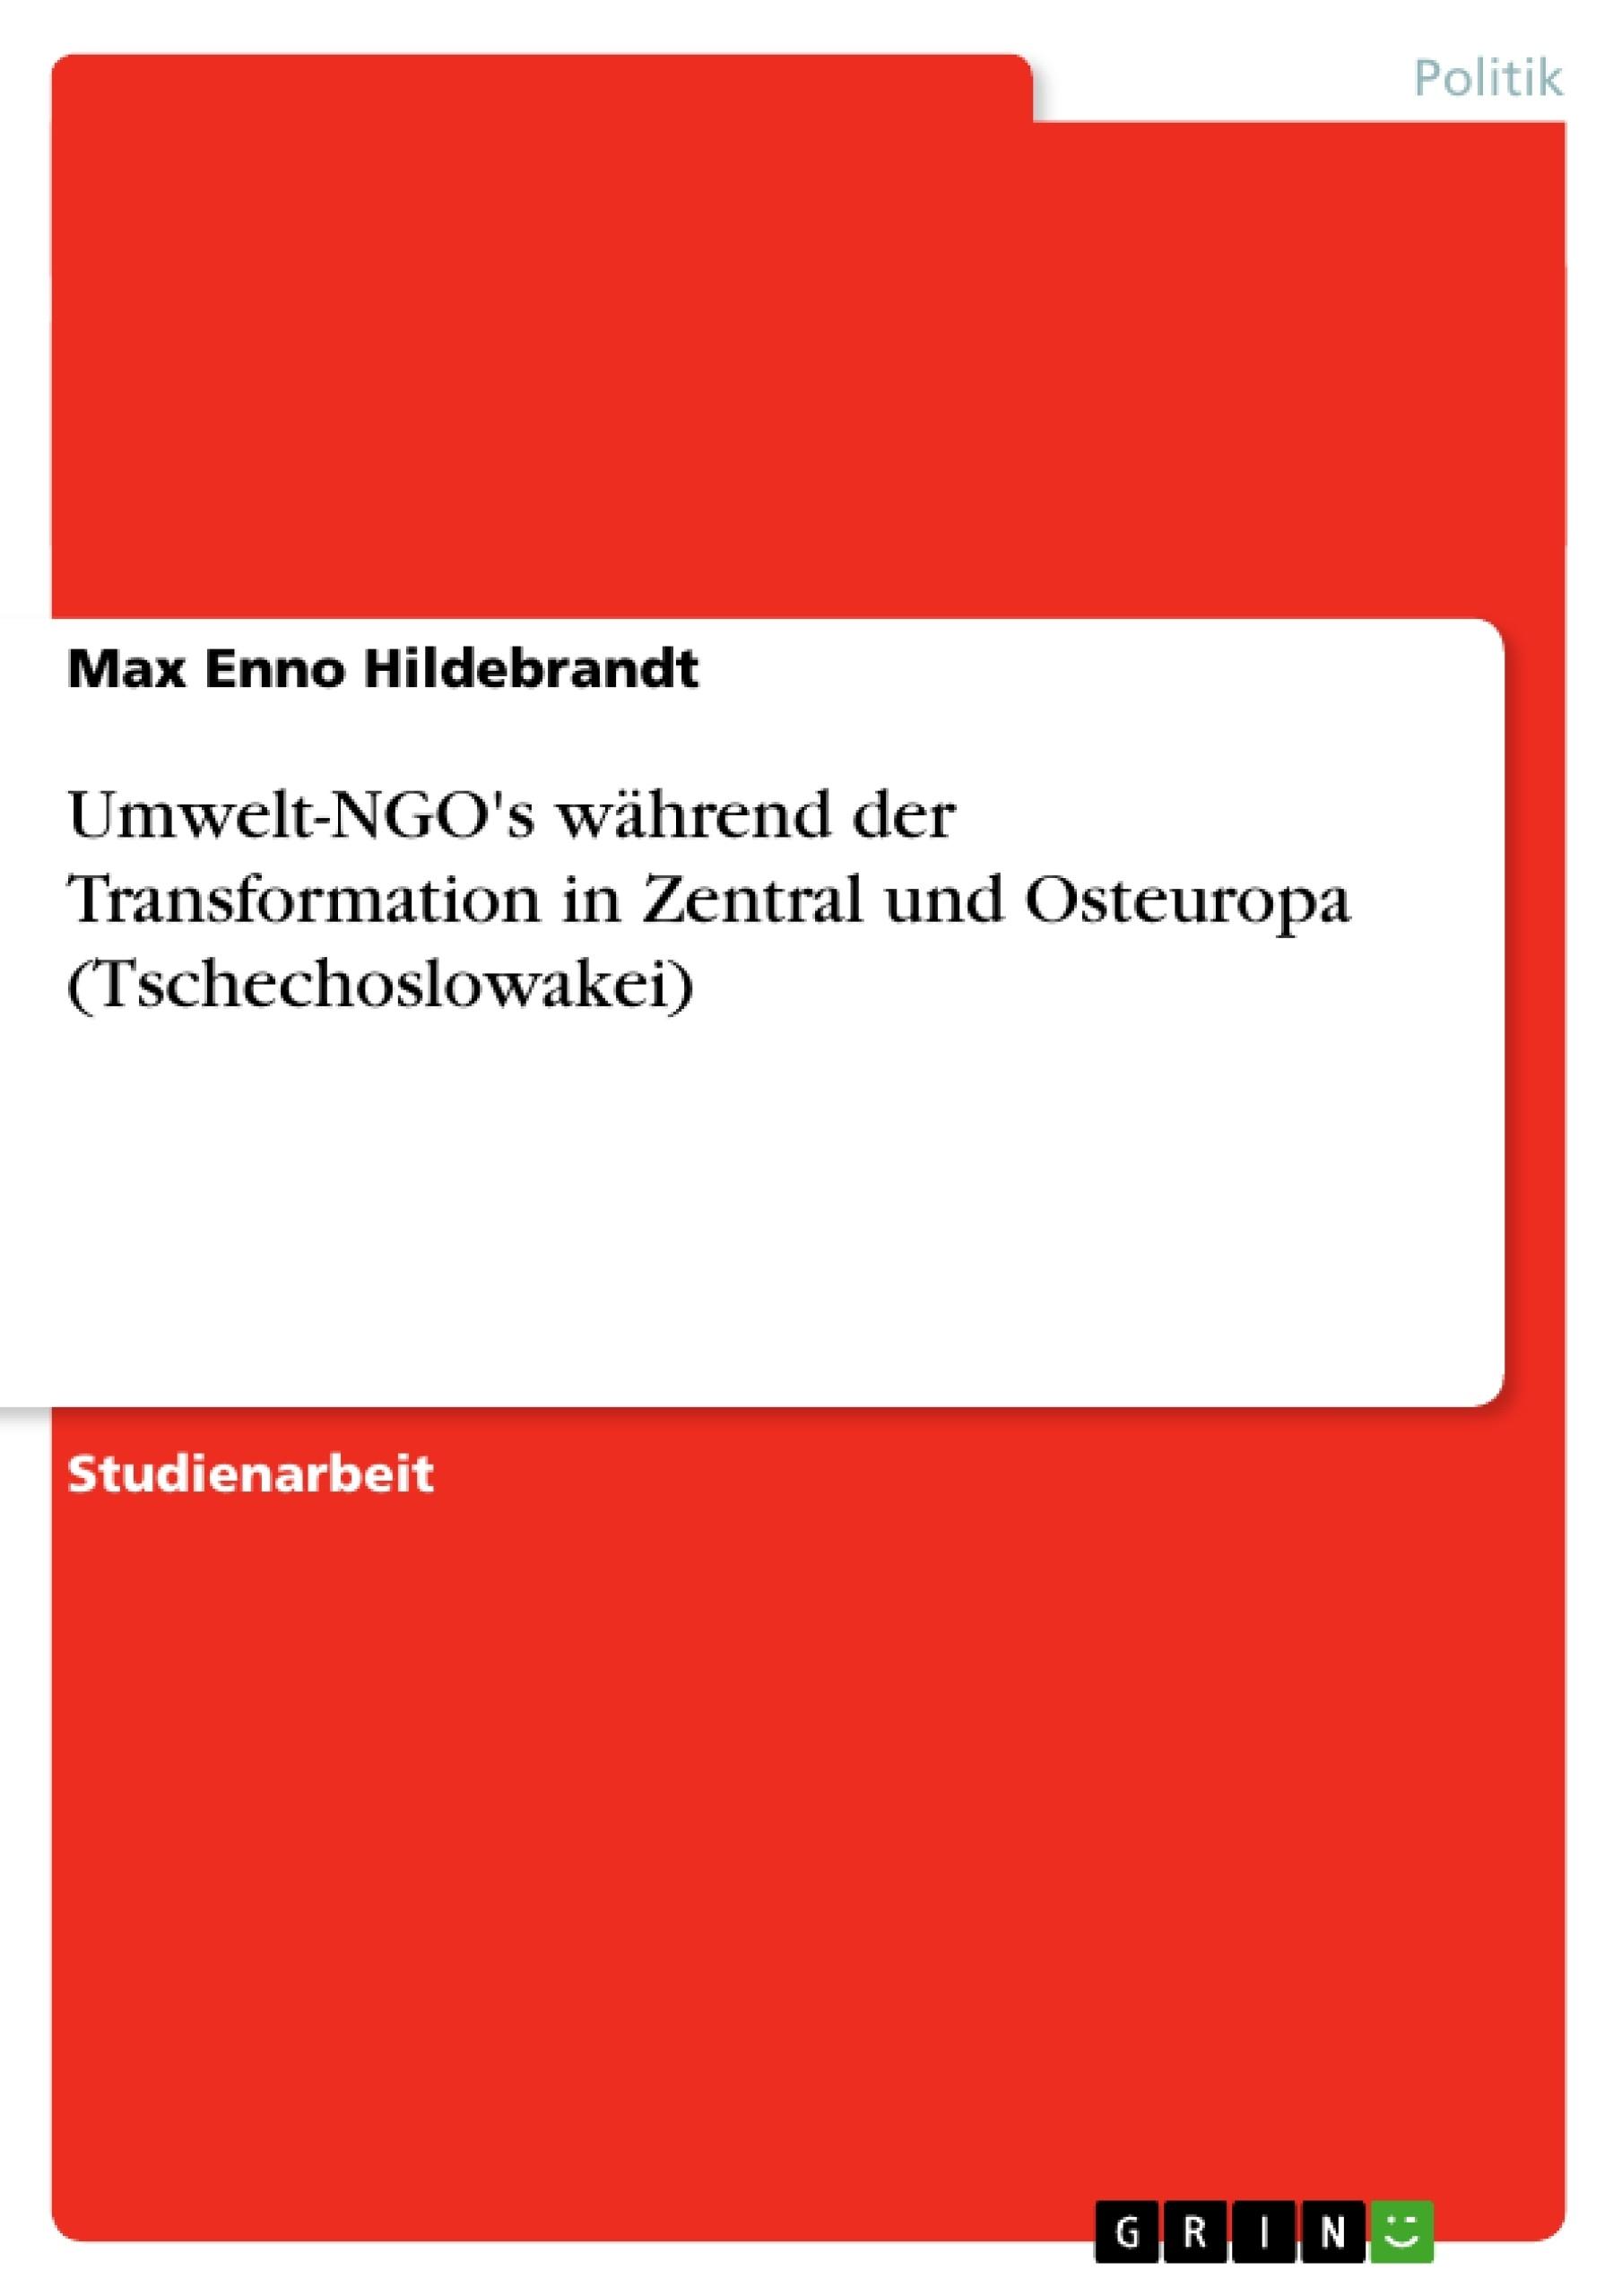 Titel: Umwelt-NGO's während der Transformation in Zentral und Osteuropa  (Tschechoslowakei)